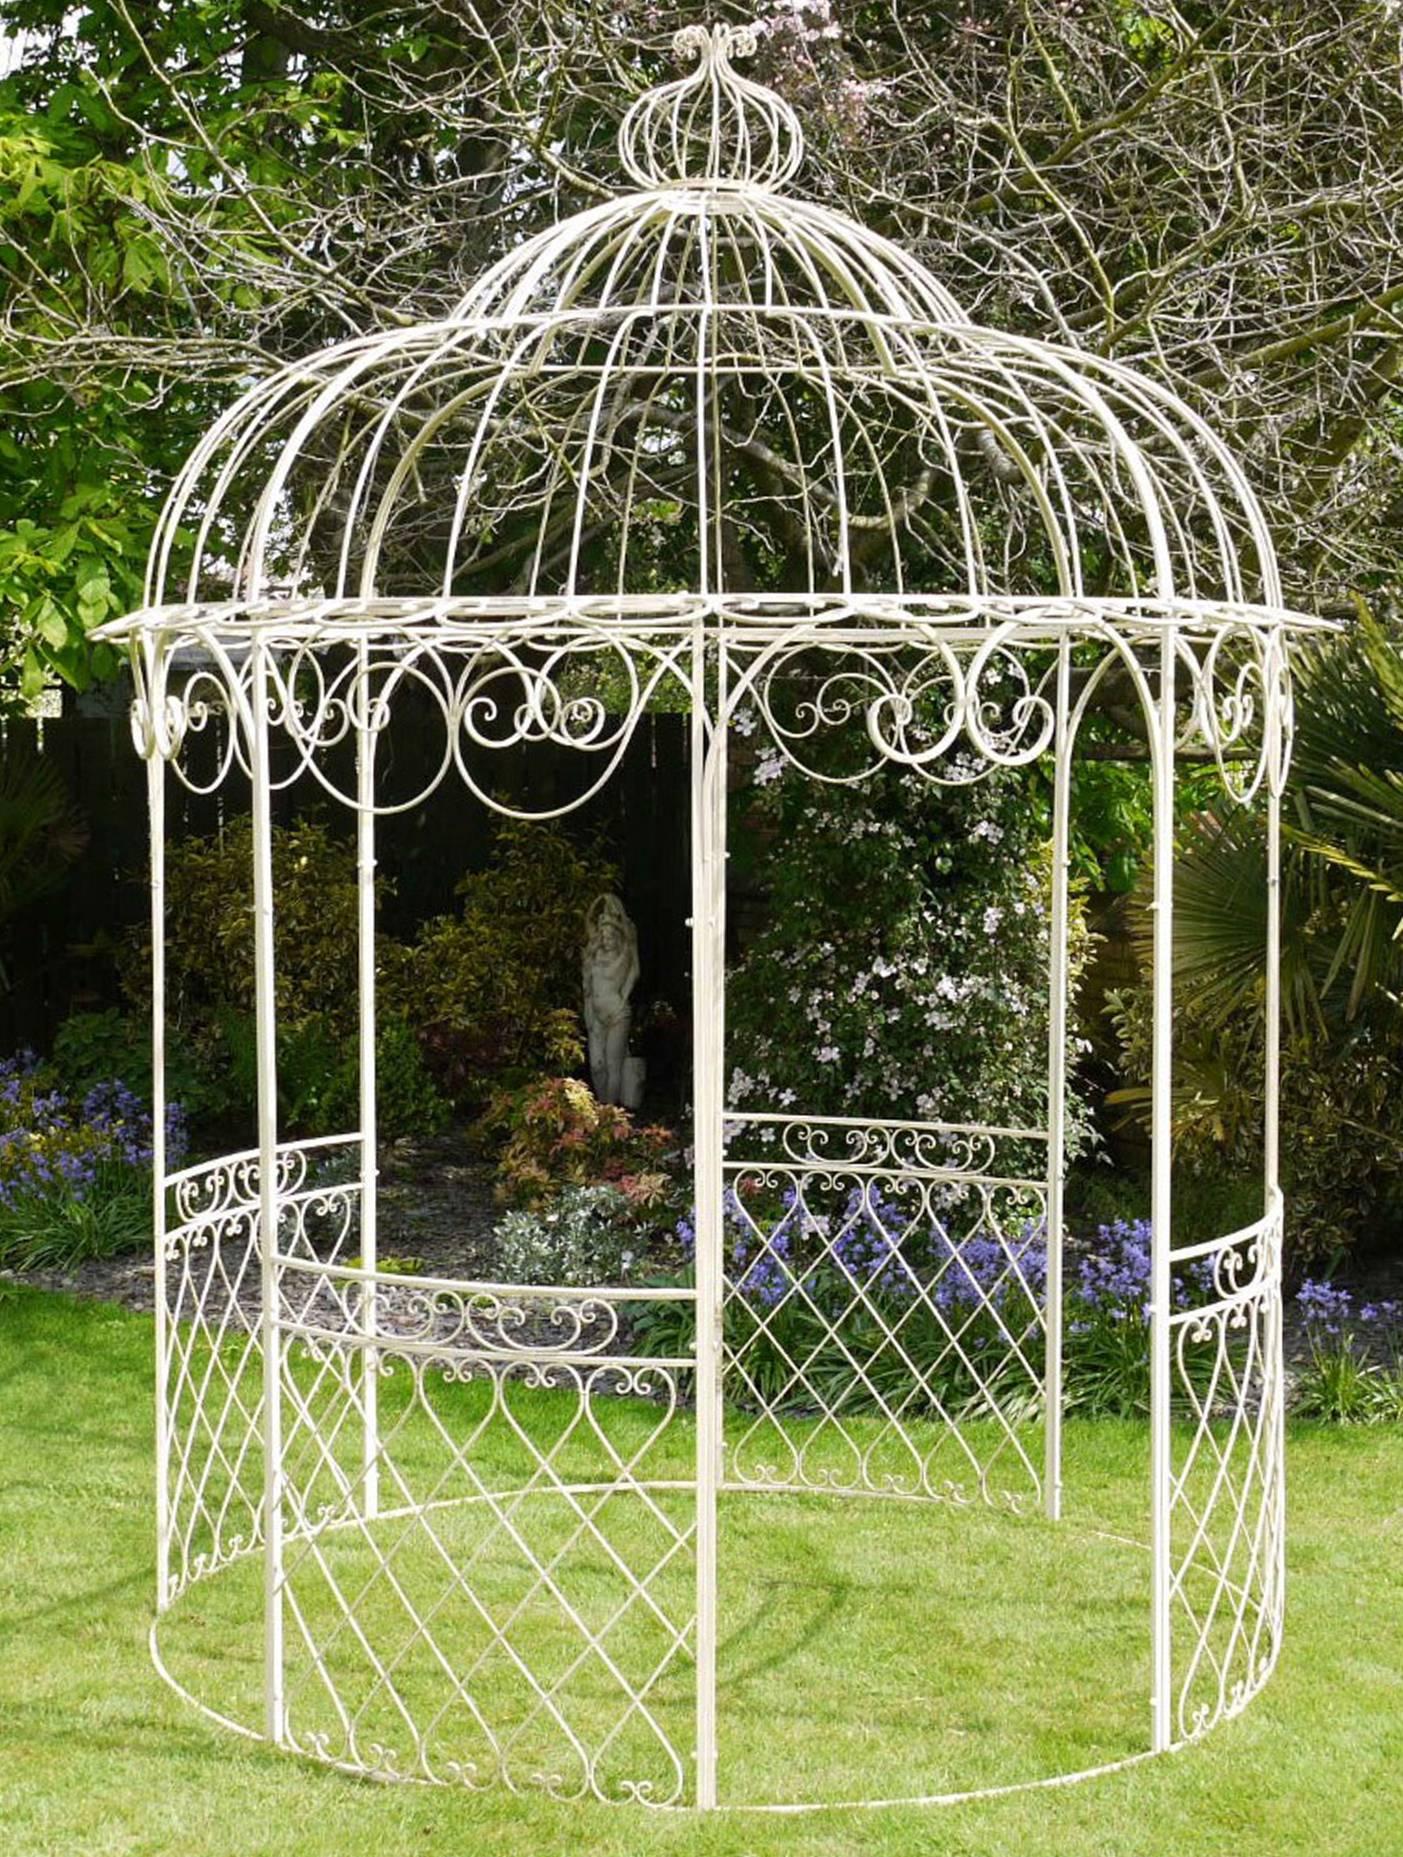 Jolie Tonnelle Kiosque de Jardin Pergola Abris Rond Gloriette de Charme en  Fer Forgé 250x250x355cm